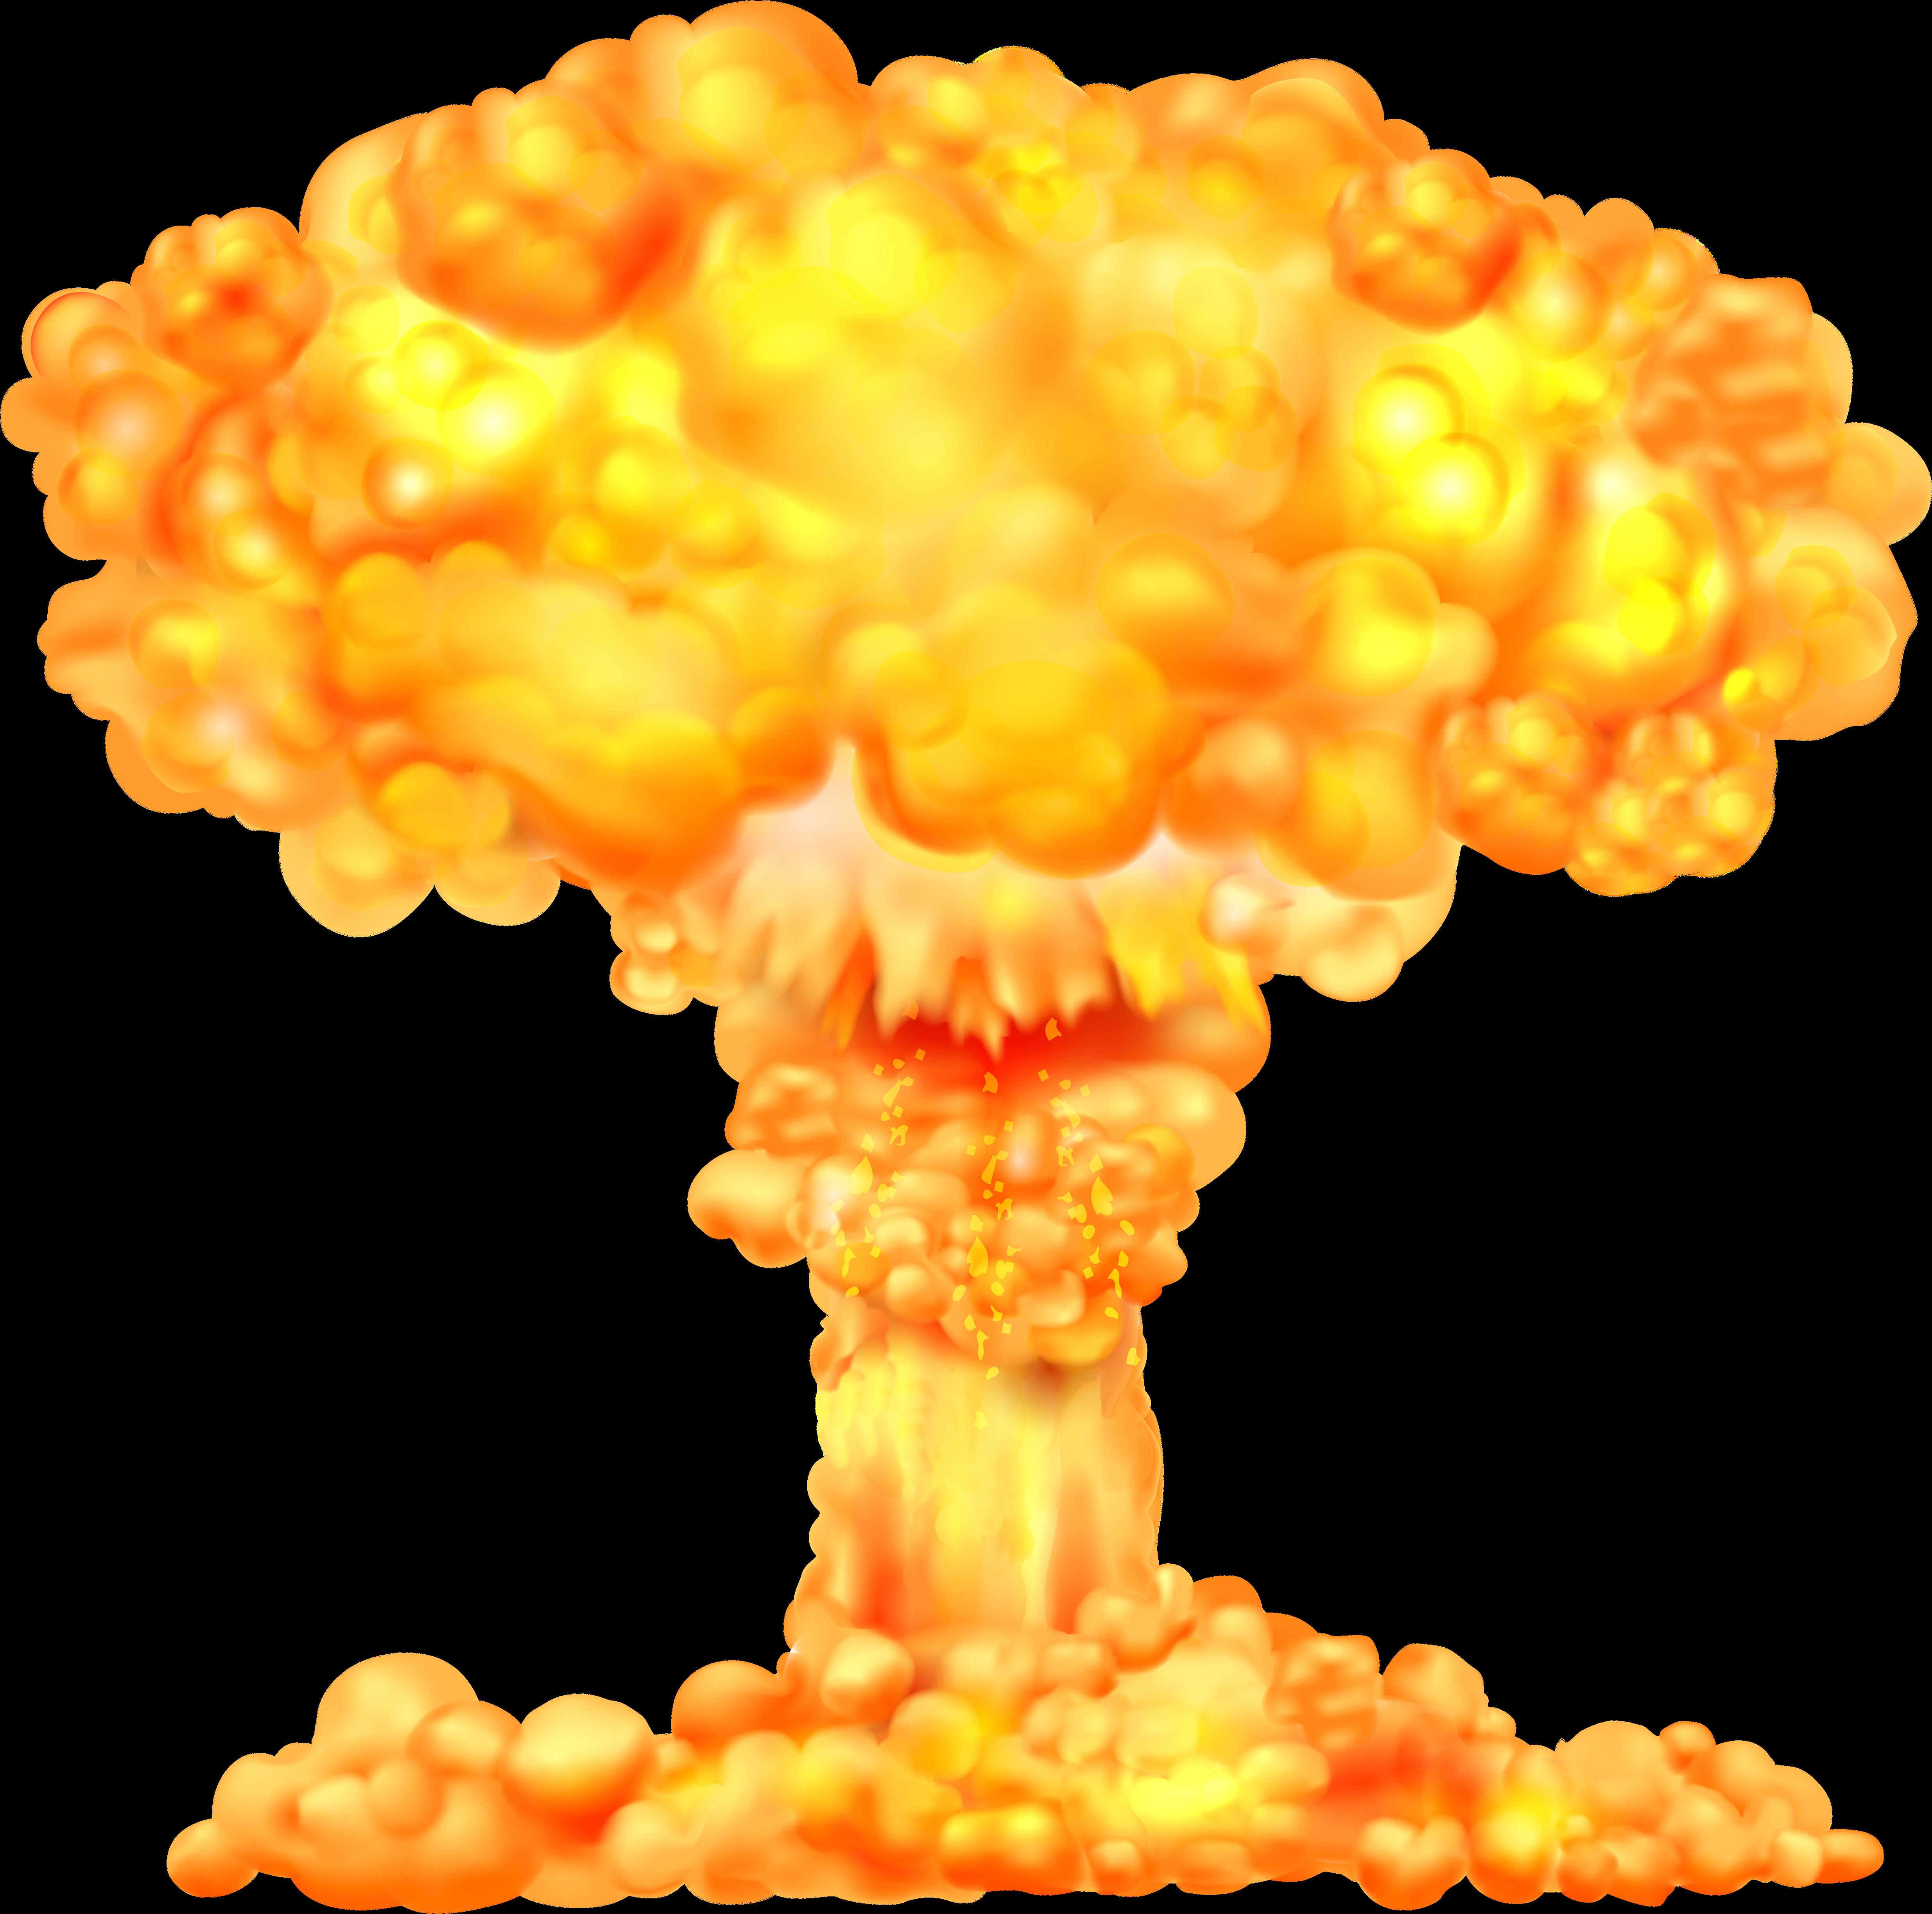 Картинки взрыва с фоном белым